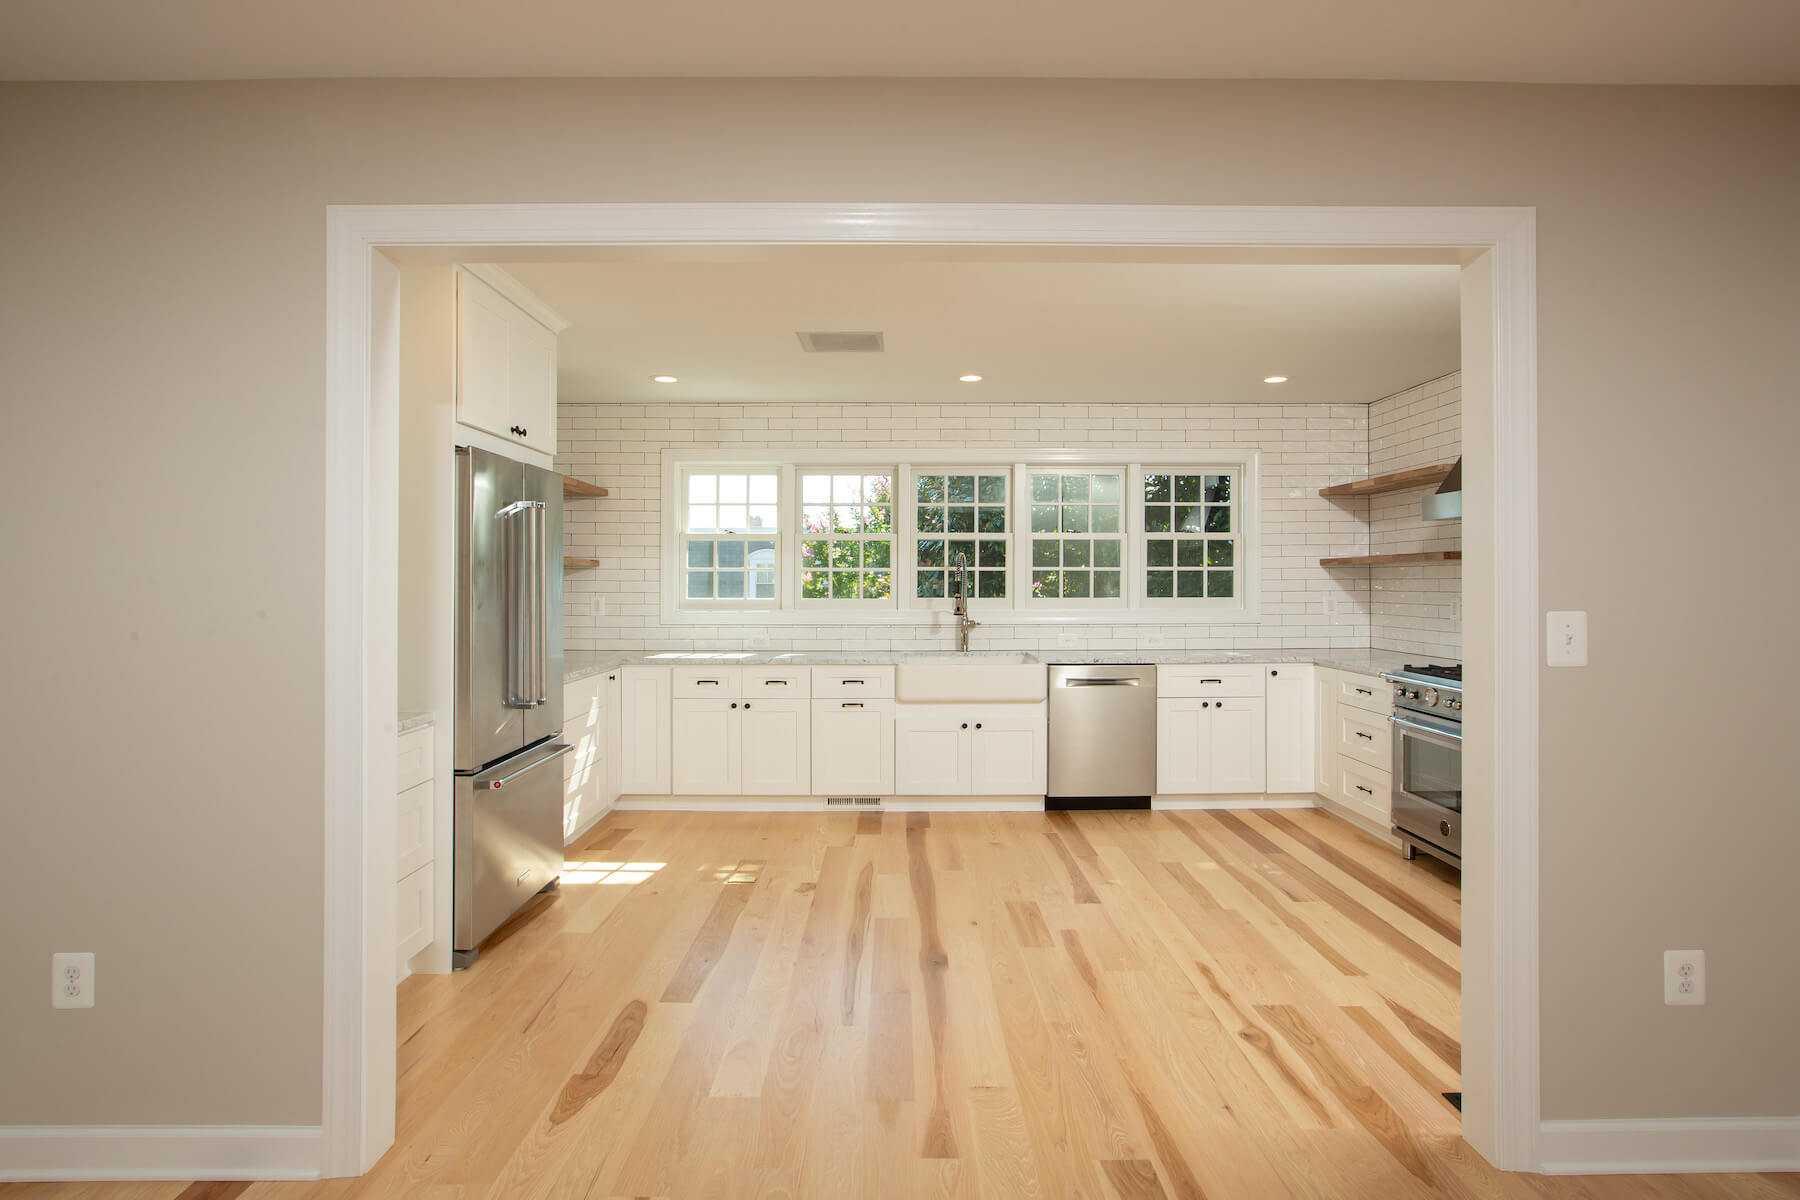 kitchen_8-12-2019_703